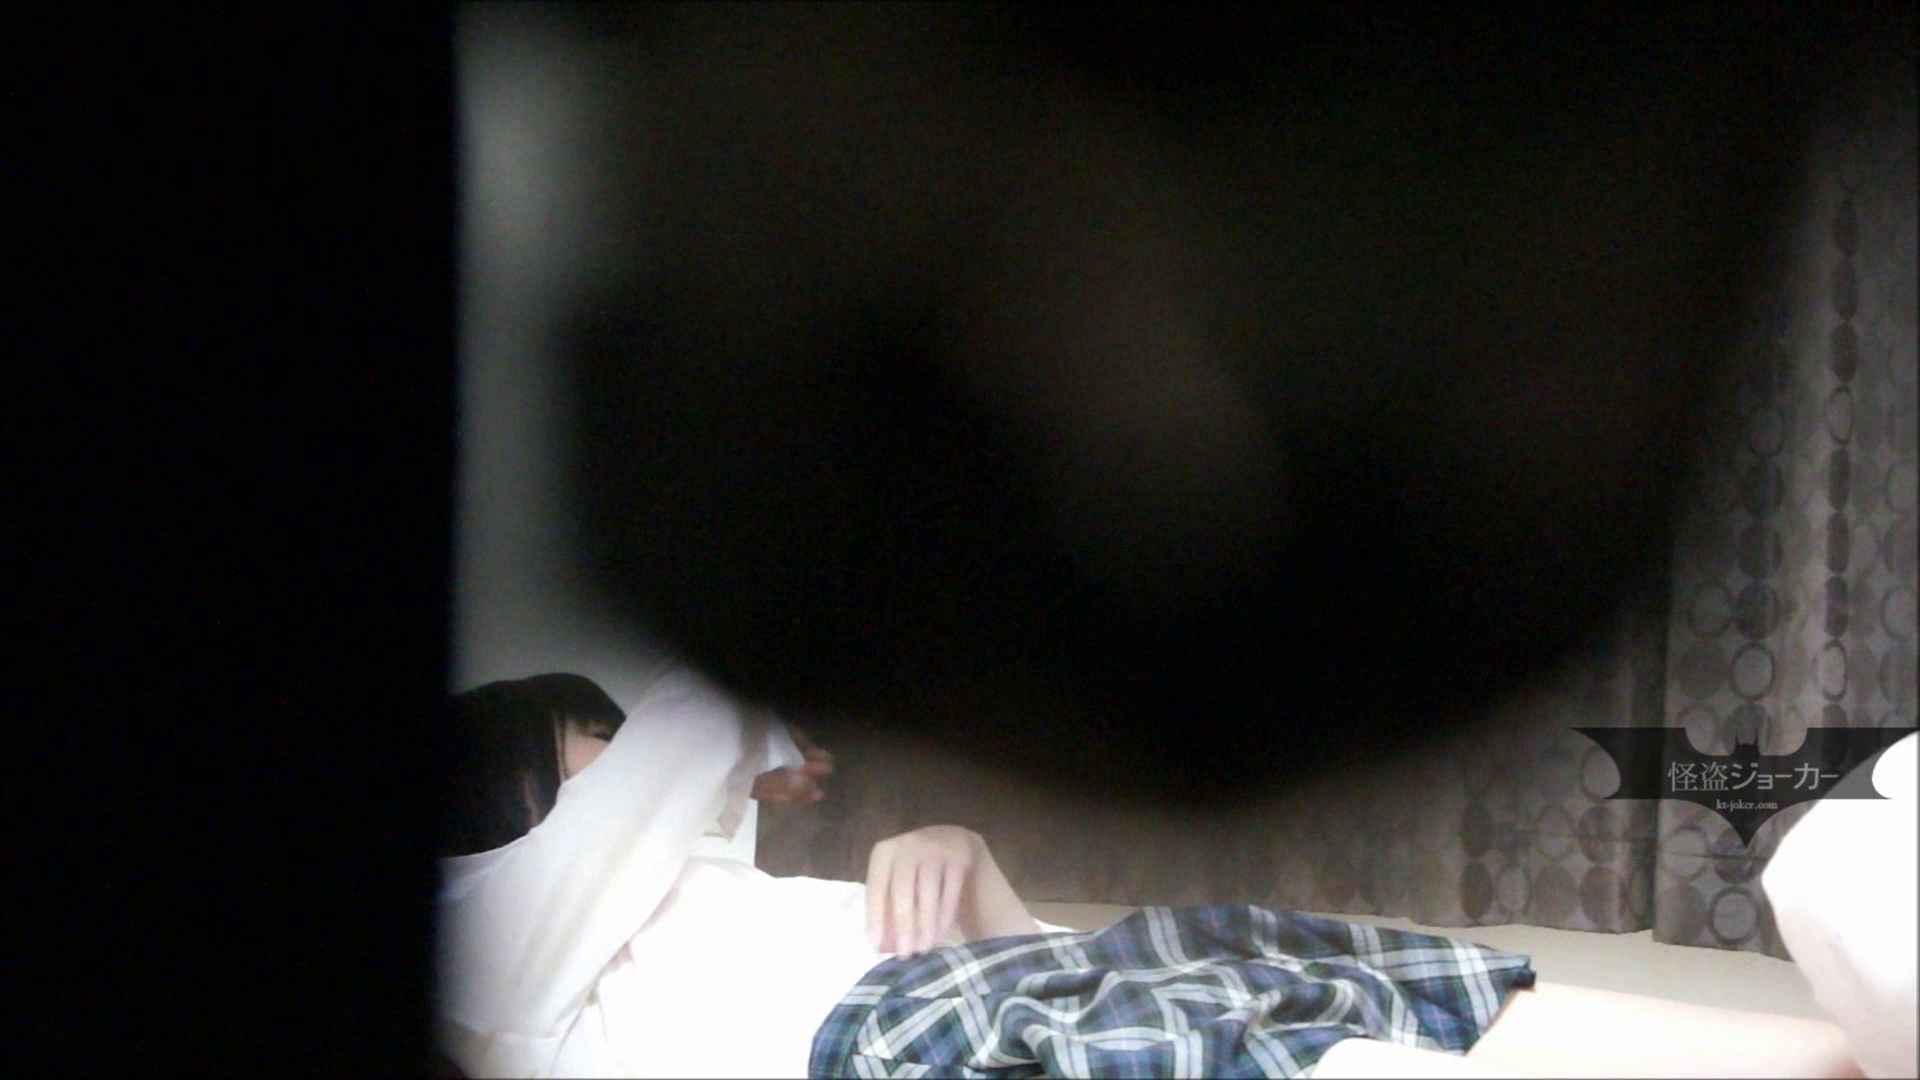 【未公開】vol.54【小春】脱衣所とオナニー隠し撮り オナニー流出 盗撮動画紹介 48連発 8